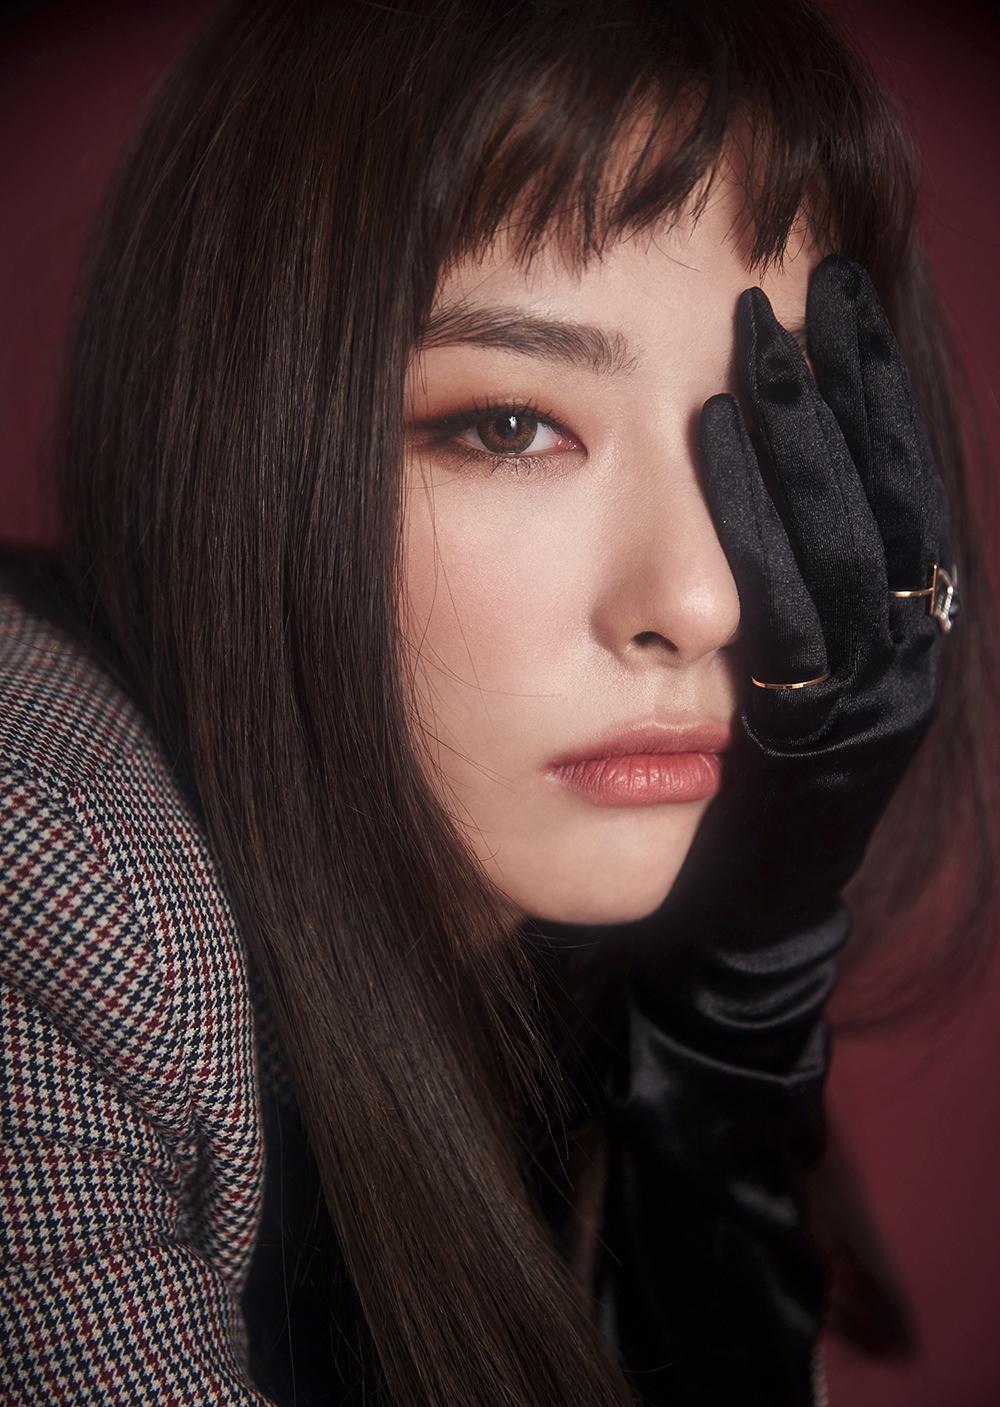 레드벨벳 슬기 티저 이미지2.jpg